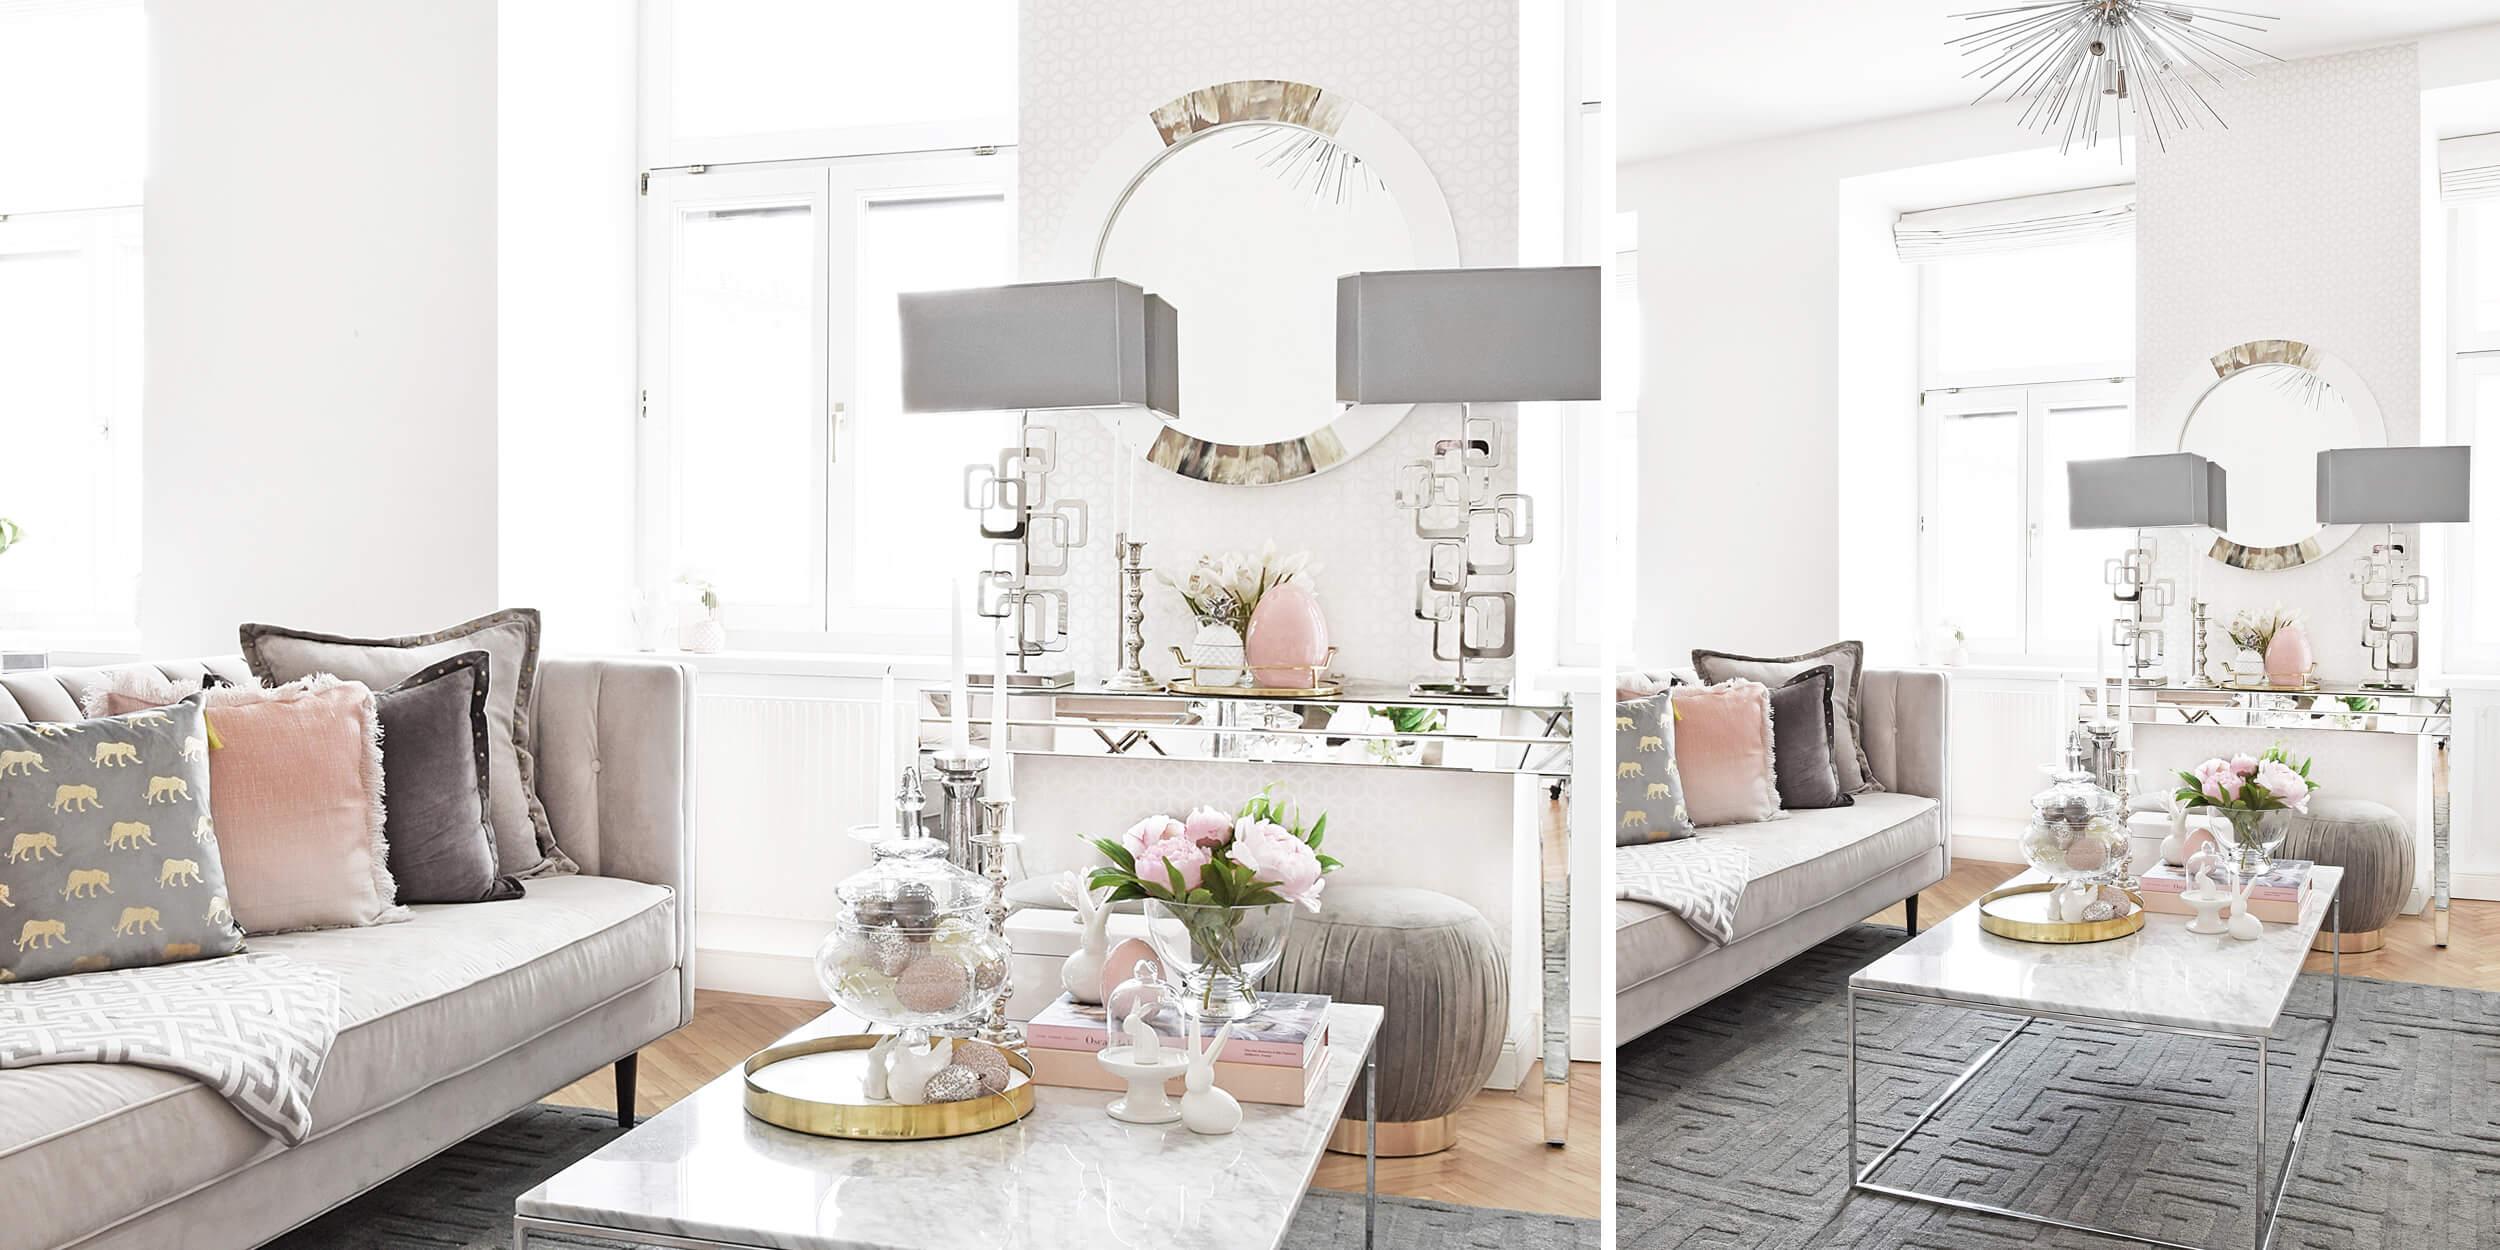 Christianes Wohnzimmer im Osterlook